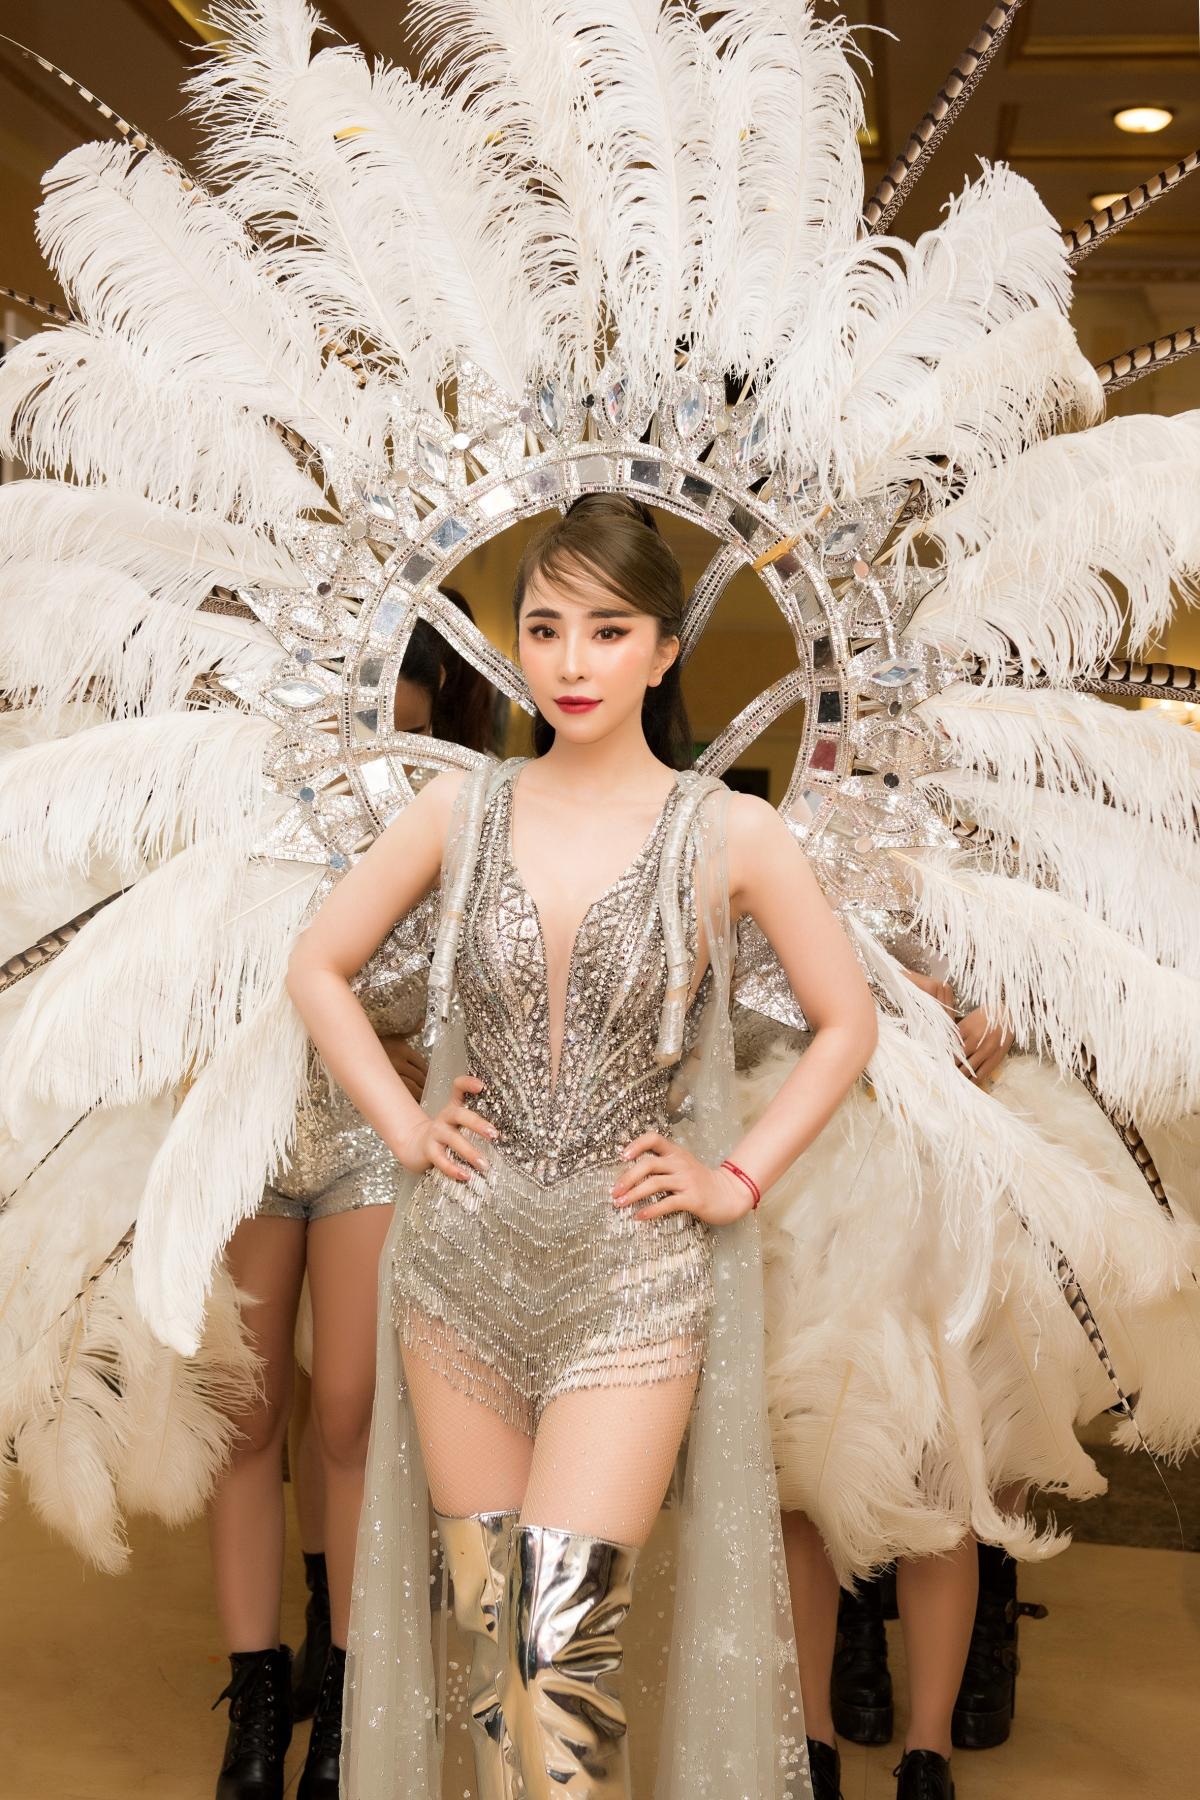 Quỳnh Nga xuất hiện với hình ảnh nóng bỏng trong thiết kế gợi cảm của NTK Brian Võ cùng đôi cánh carnaval lông vũ lộng lẫy.